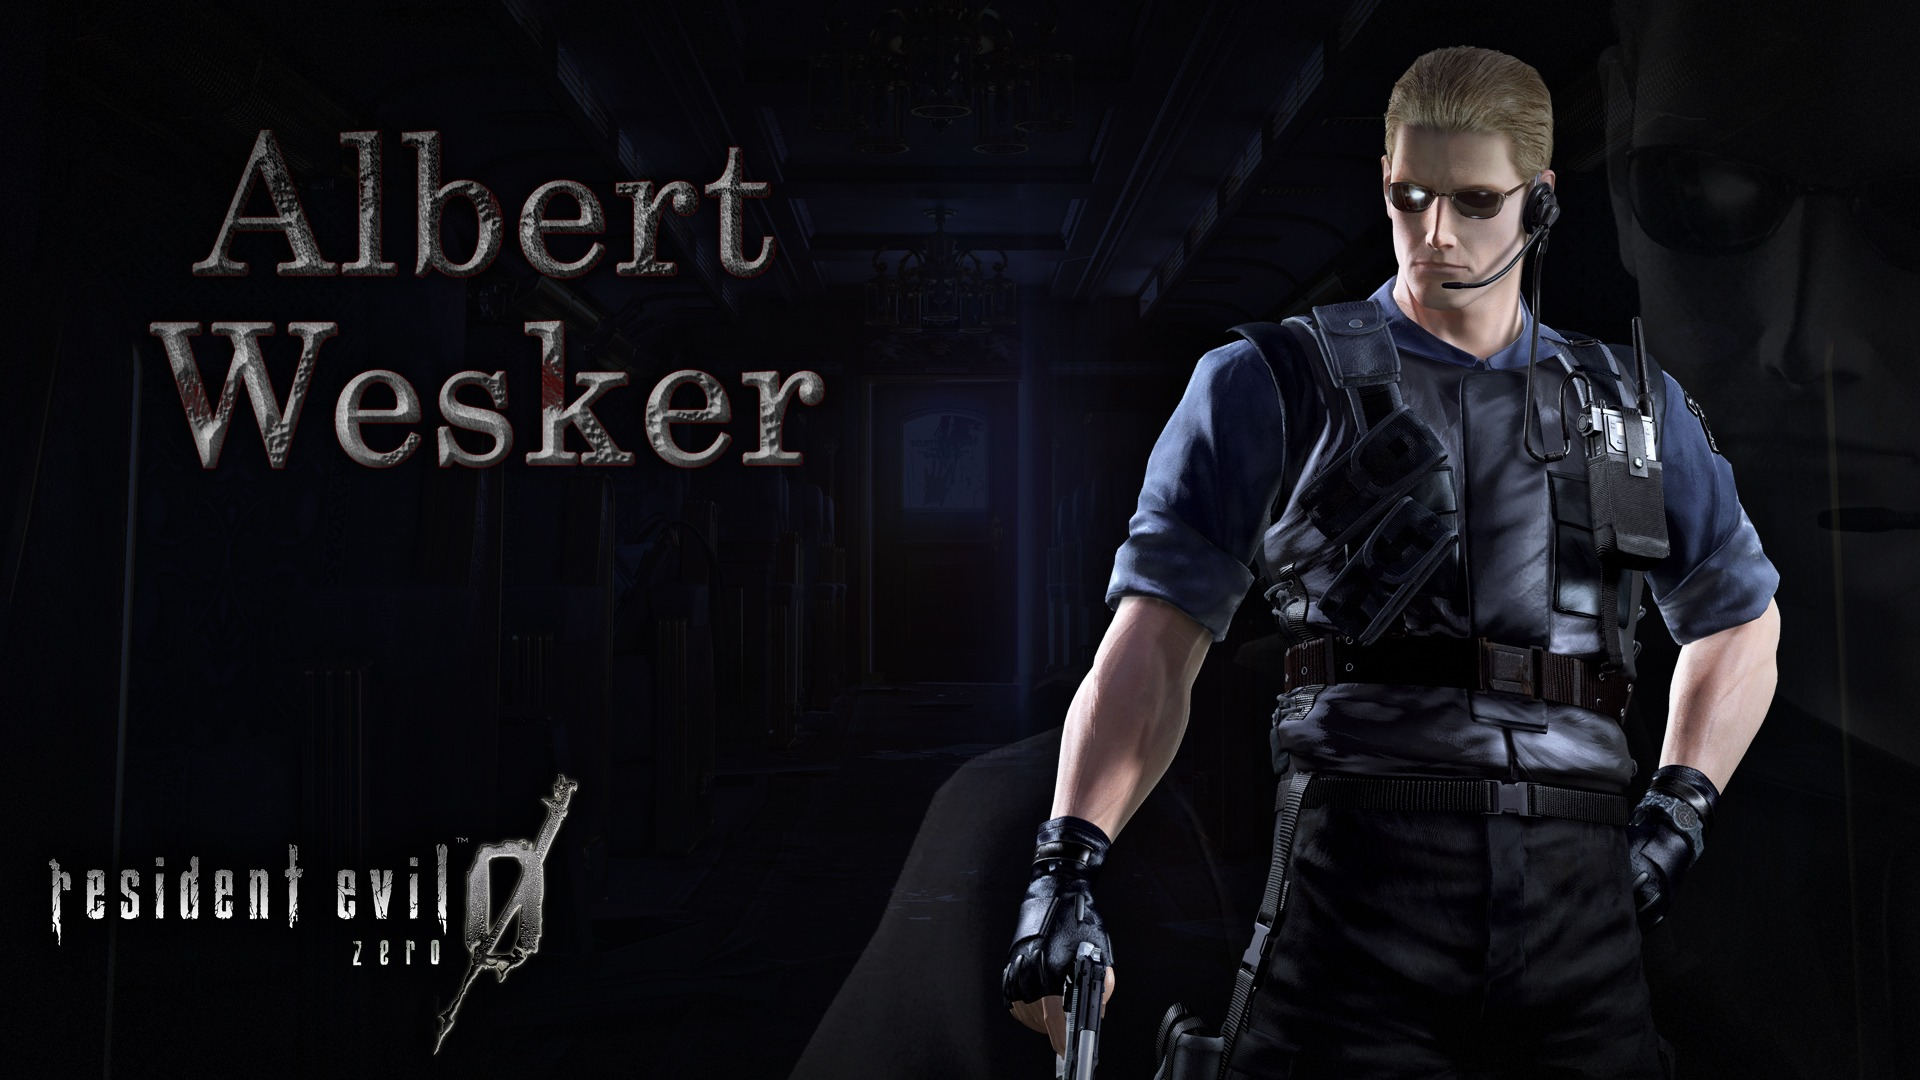 Card 6 of 6Artwork · Wesker